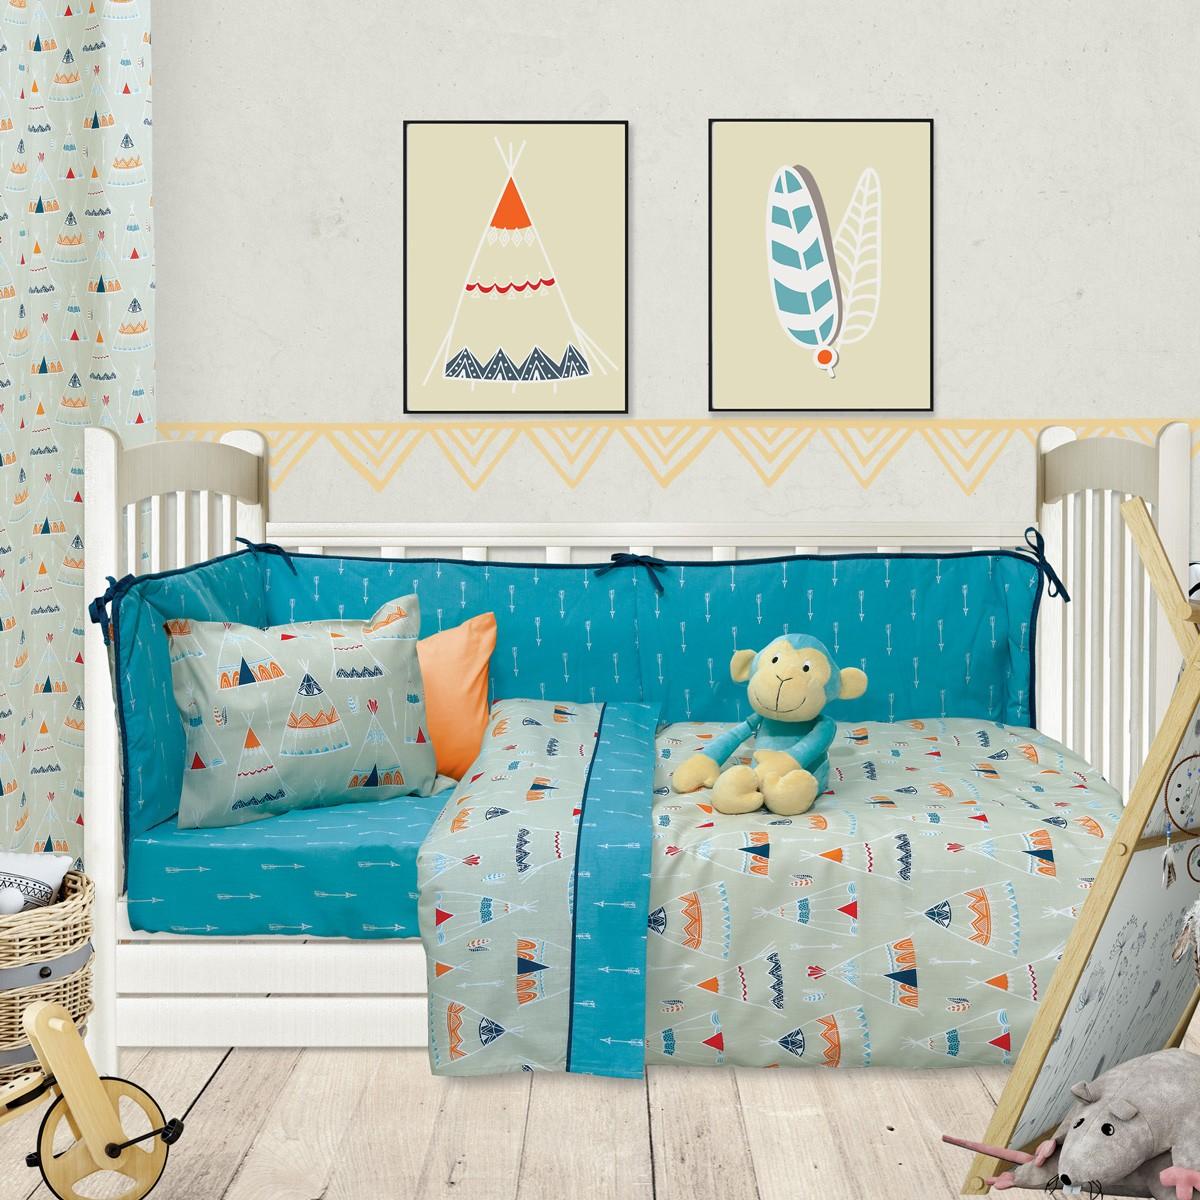 Παπλωματοθήκη Κούνιας (Σετ) Das Home Fun Prints 6417